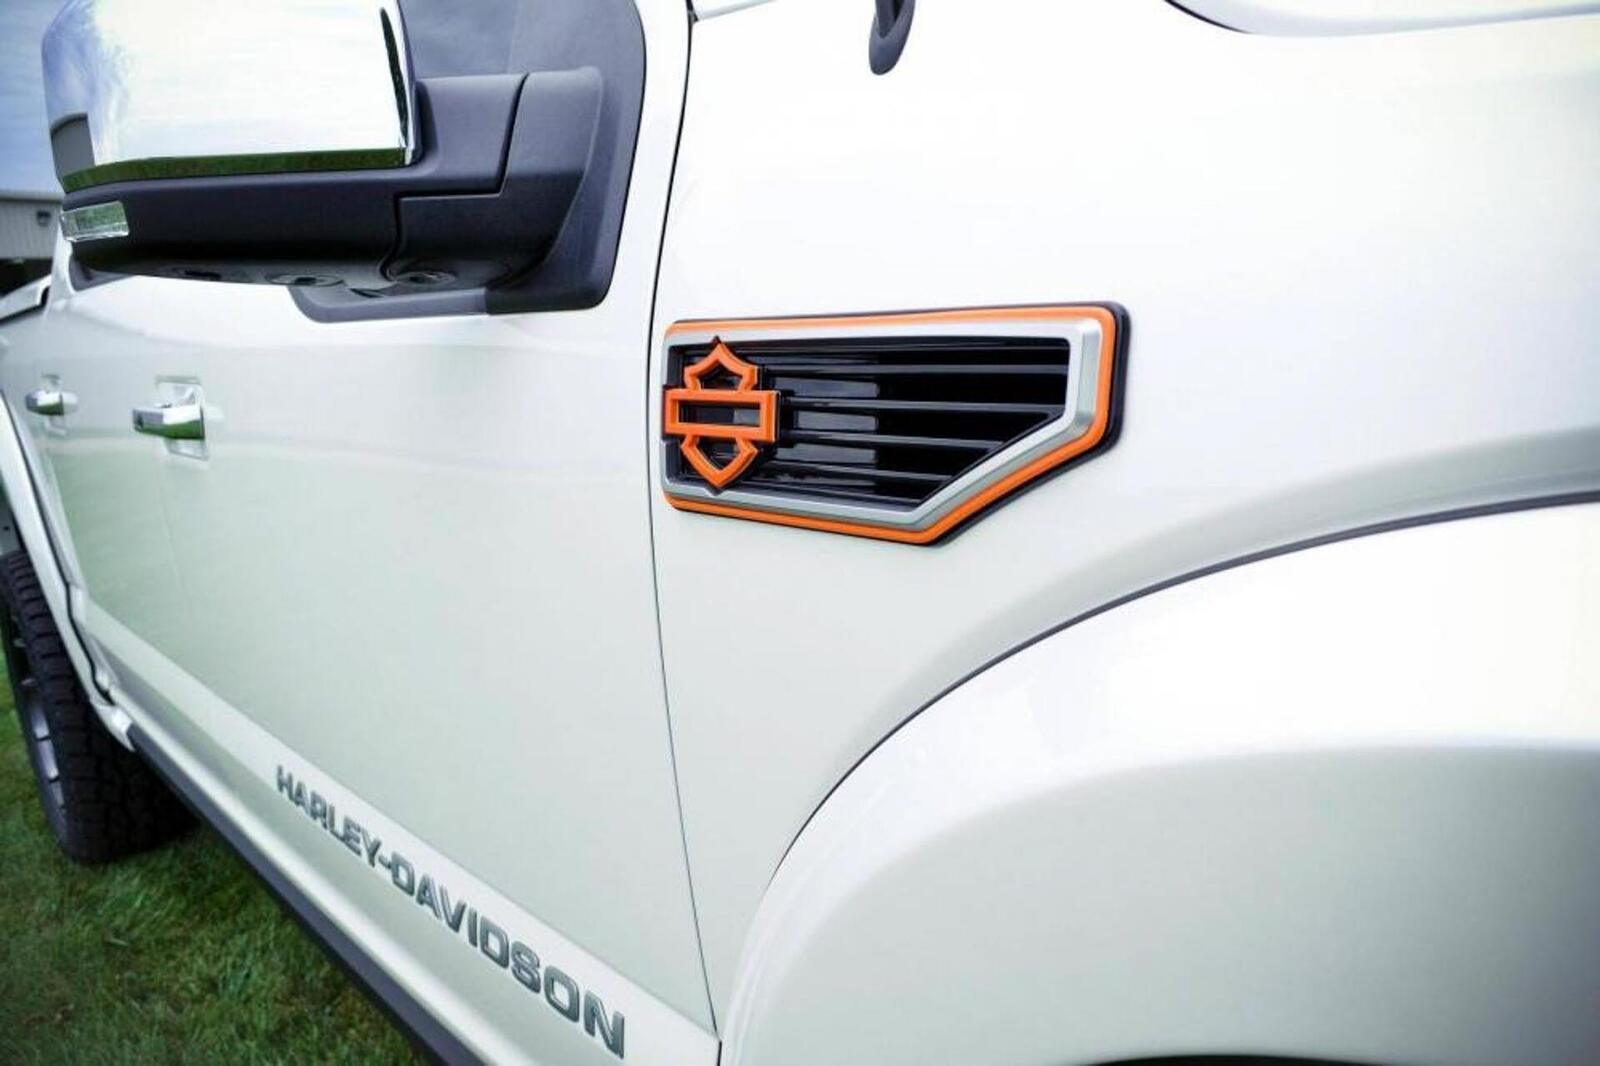 Bán tải Ford F-150 độ bởi hãng mô tô Harley-Davidson có giá bán từ 97.000 USD tại Mỹ - Hình 11